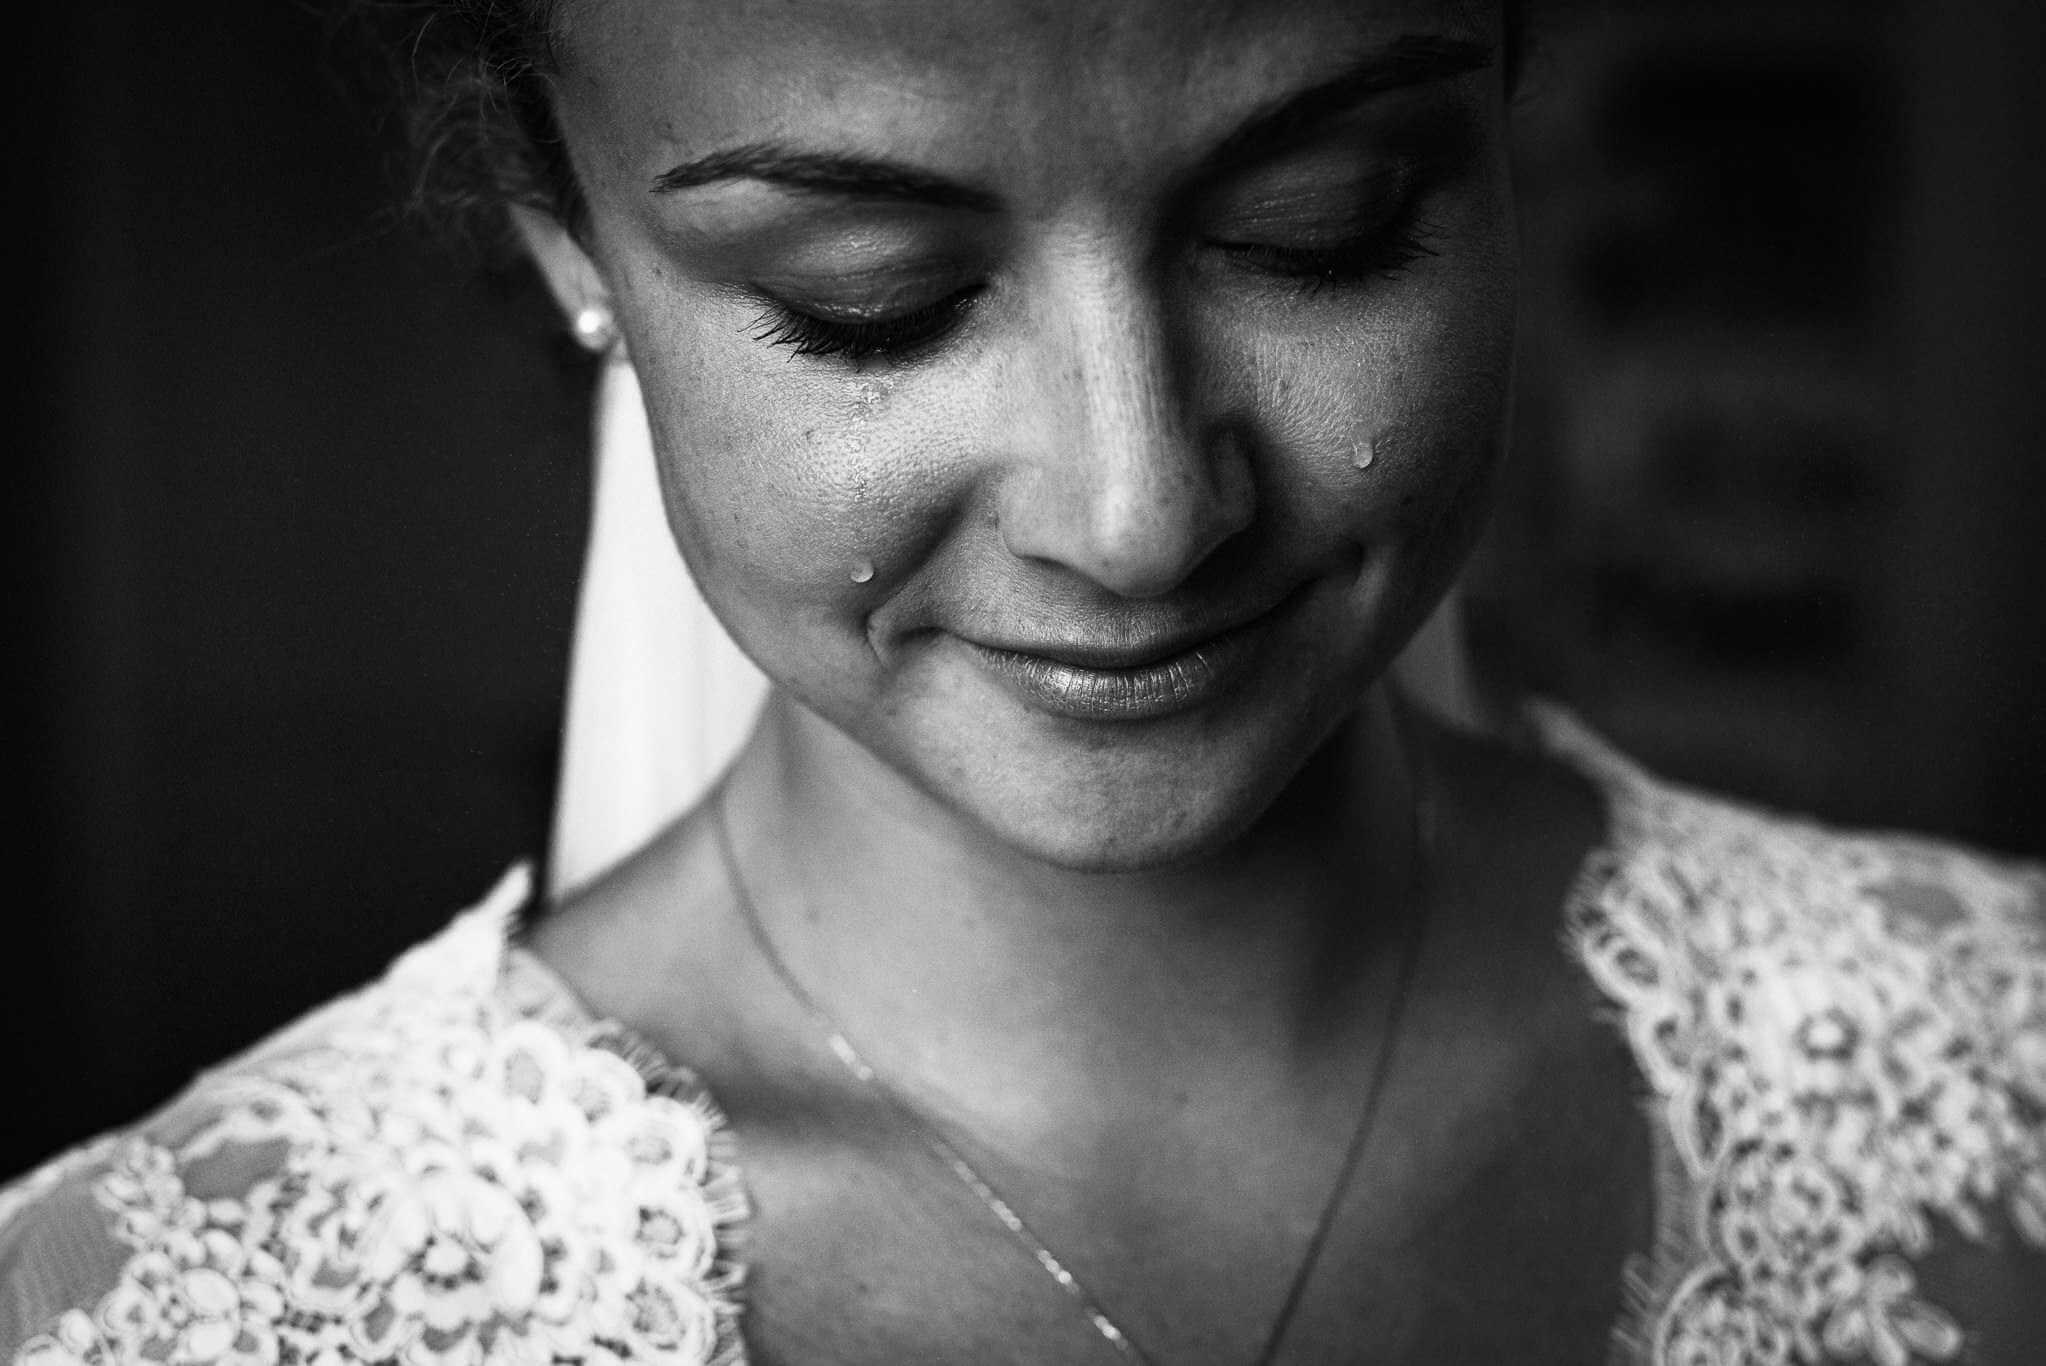 olivier baron photographe-emotion